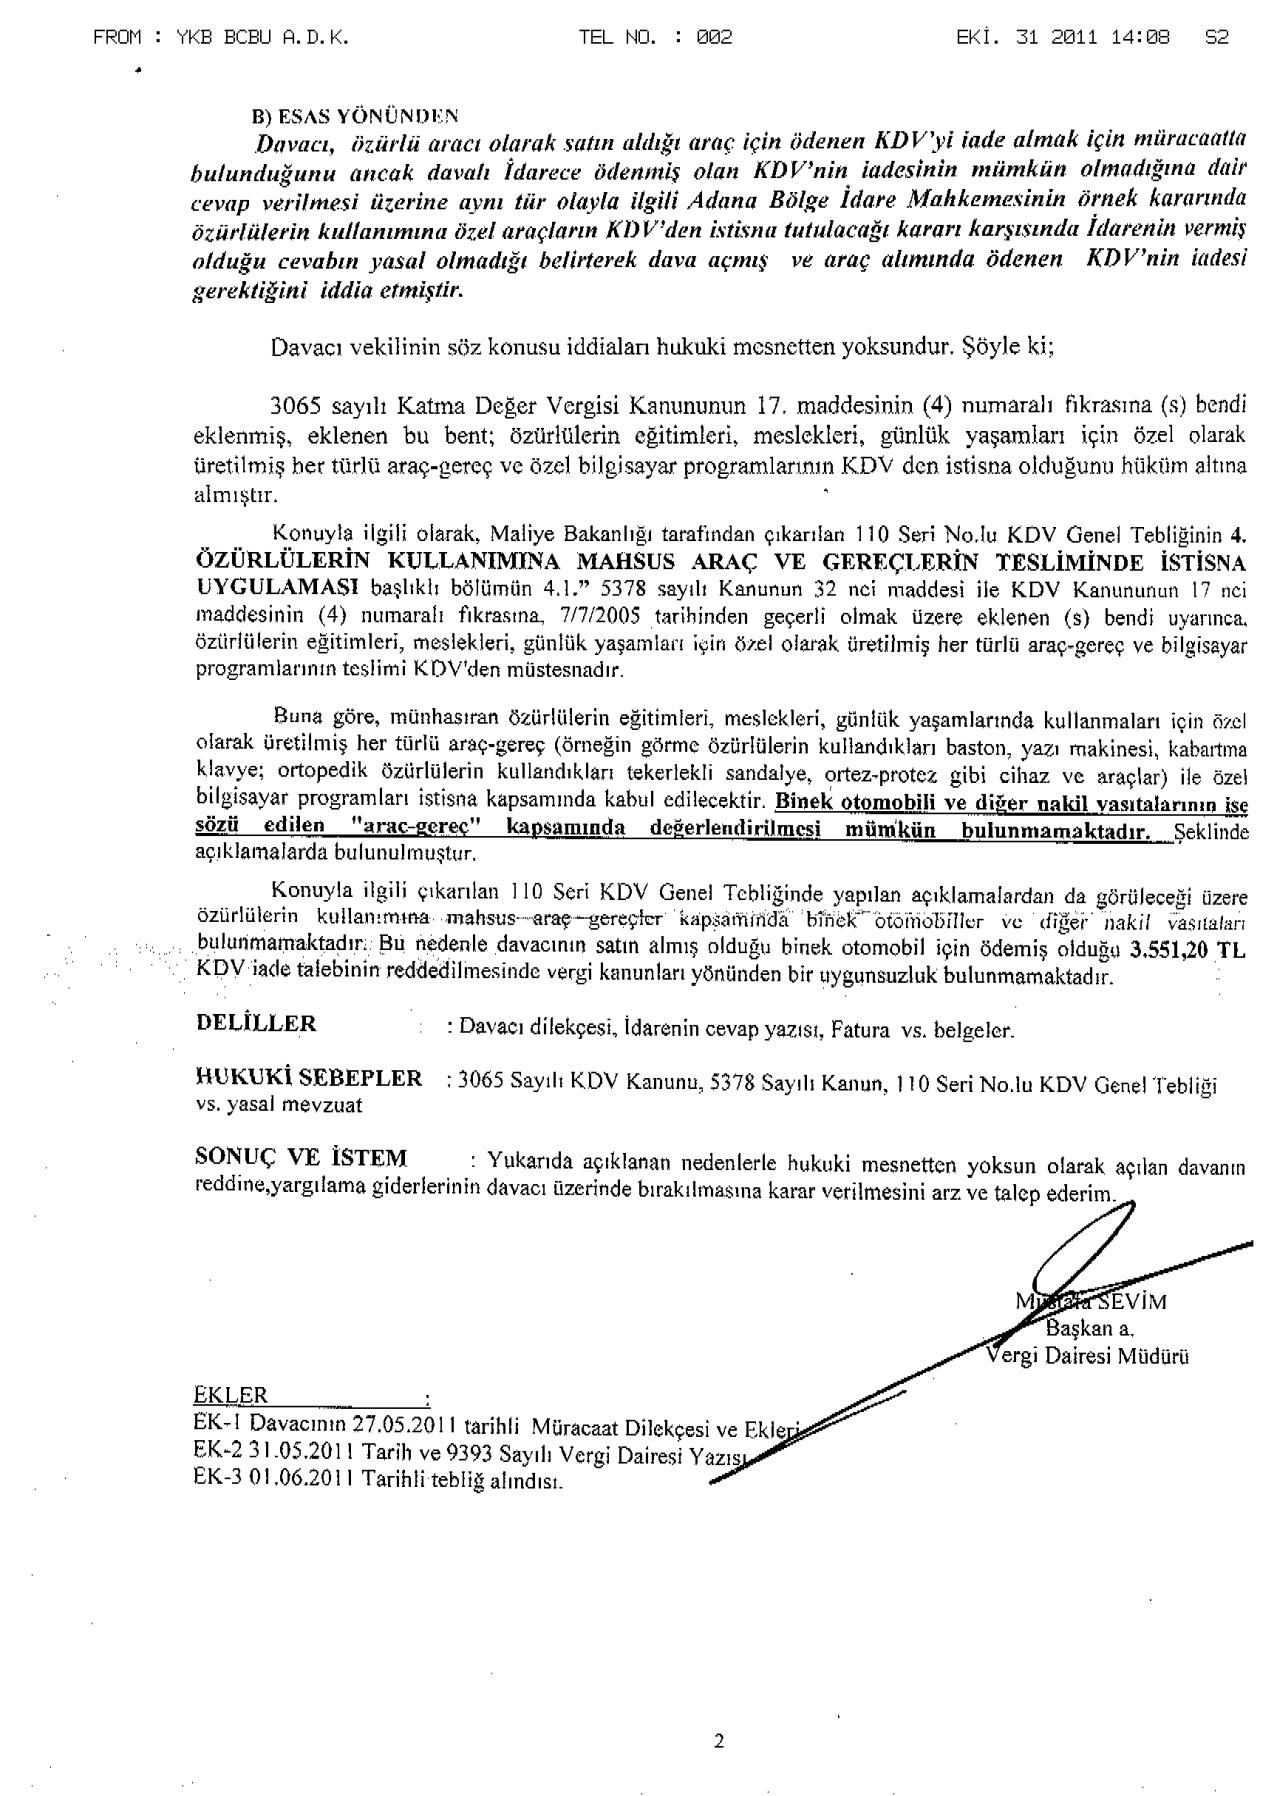 Bursa Vergi%20mahkemesi 02 - Sakat statüsünde alınan araç için ödenen KDV'nin geri alınması işlemleri ve süreç